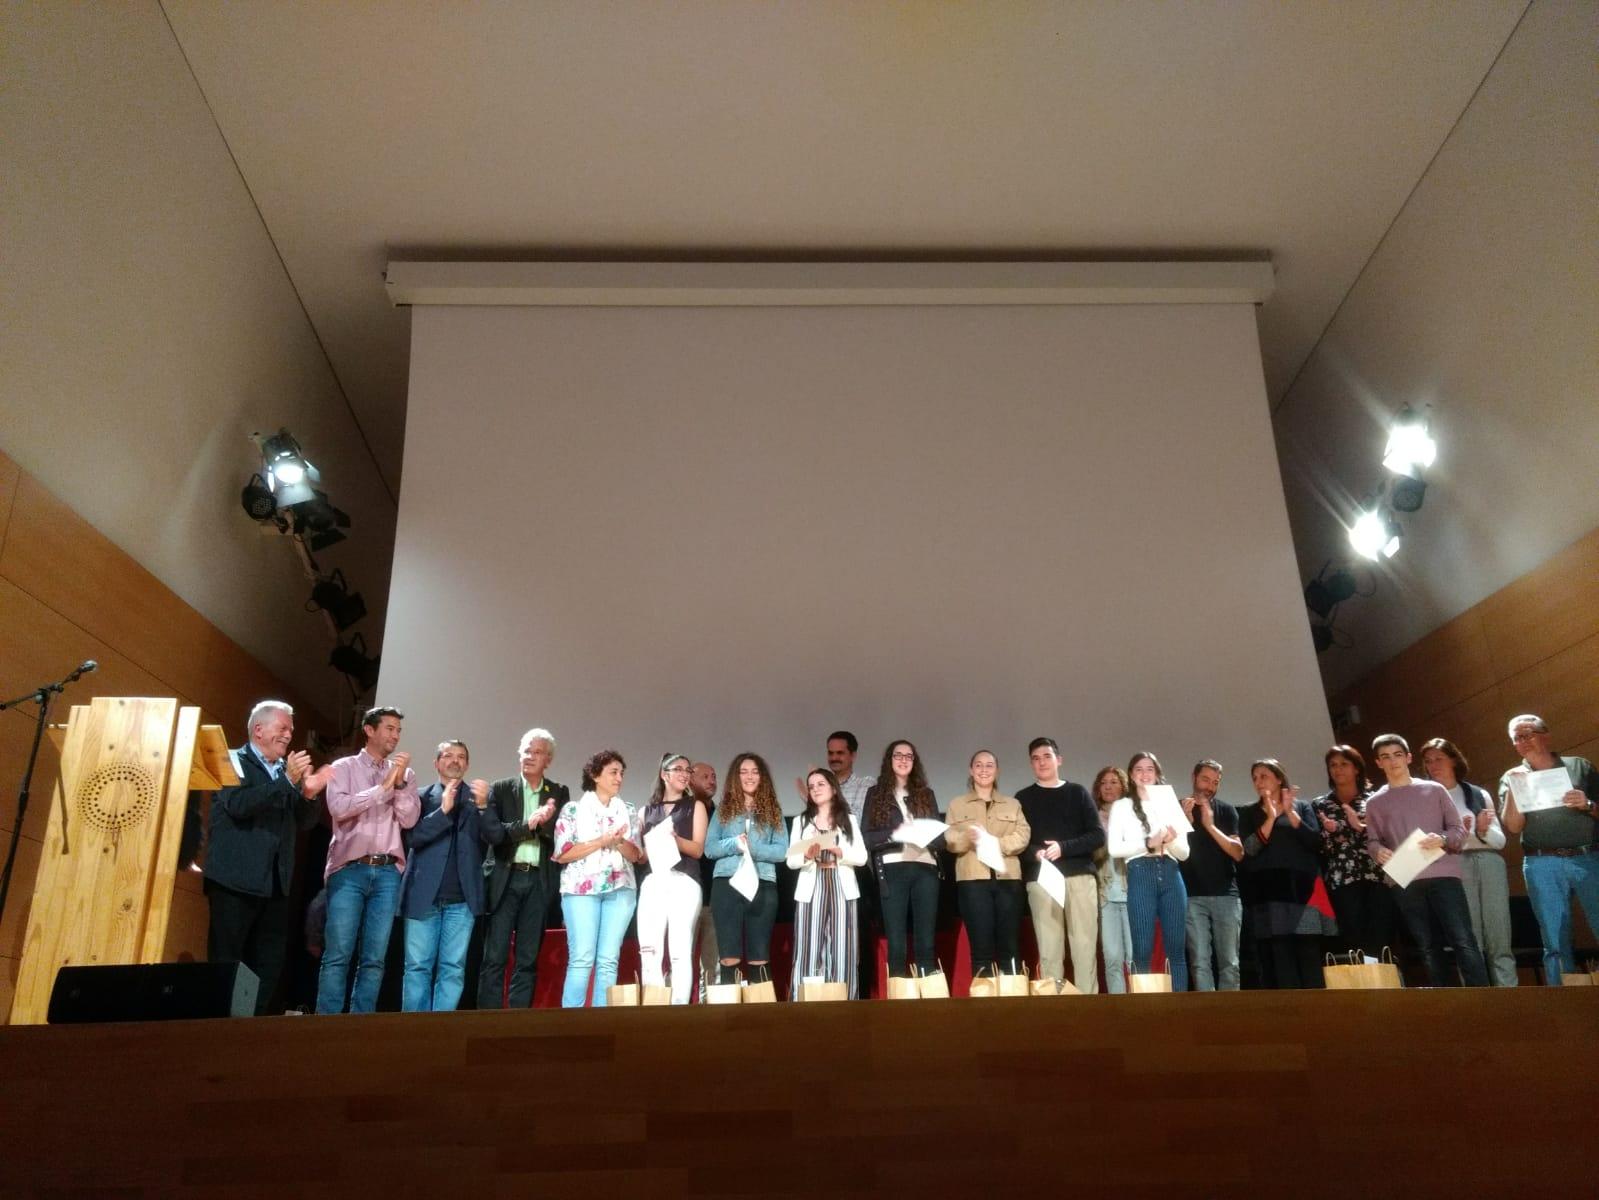 L'Ajuntament de la Bisbal participa en l'acte inaugural del curs escolar 2018-2019